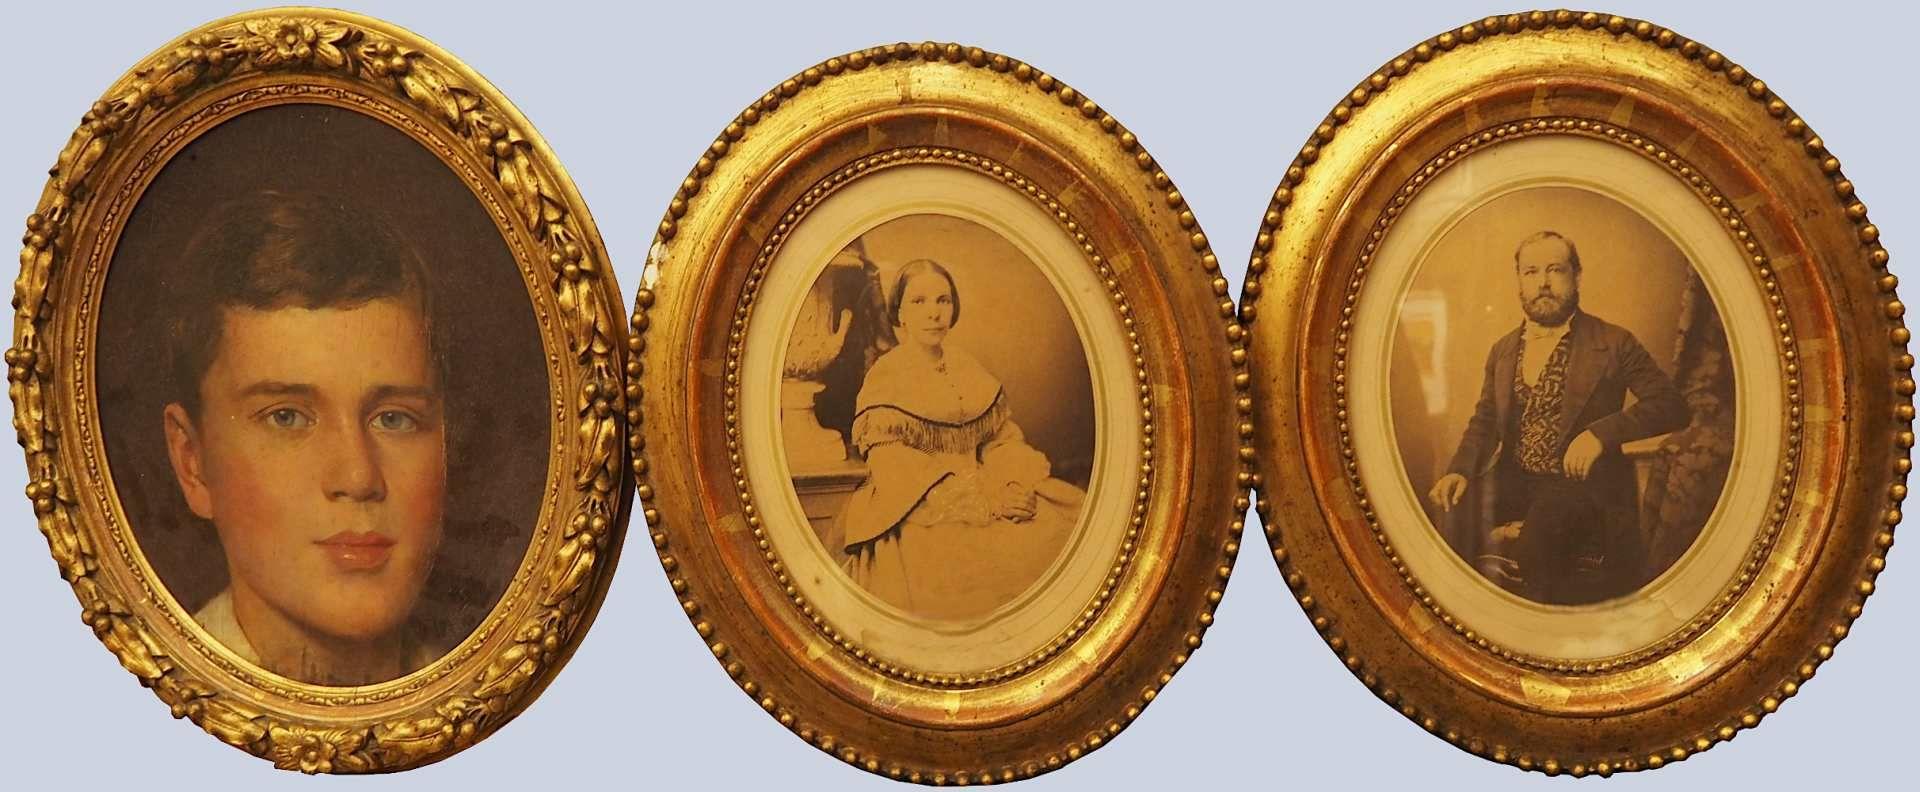 1 Konvolut Ölgemälde u.a.: Portraits von versch. Persönlichkeiten/versch. Künstler: <br - Bild 2 aus 4